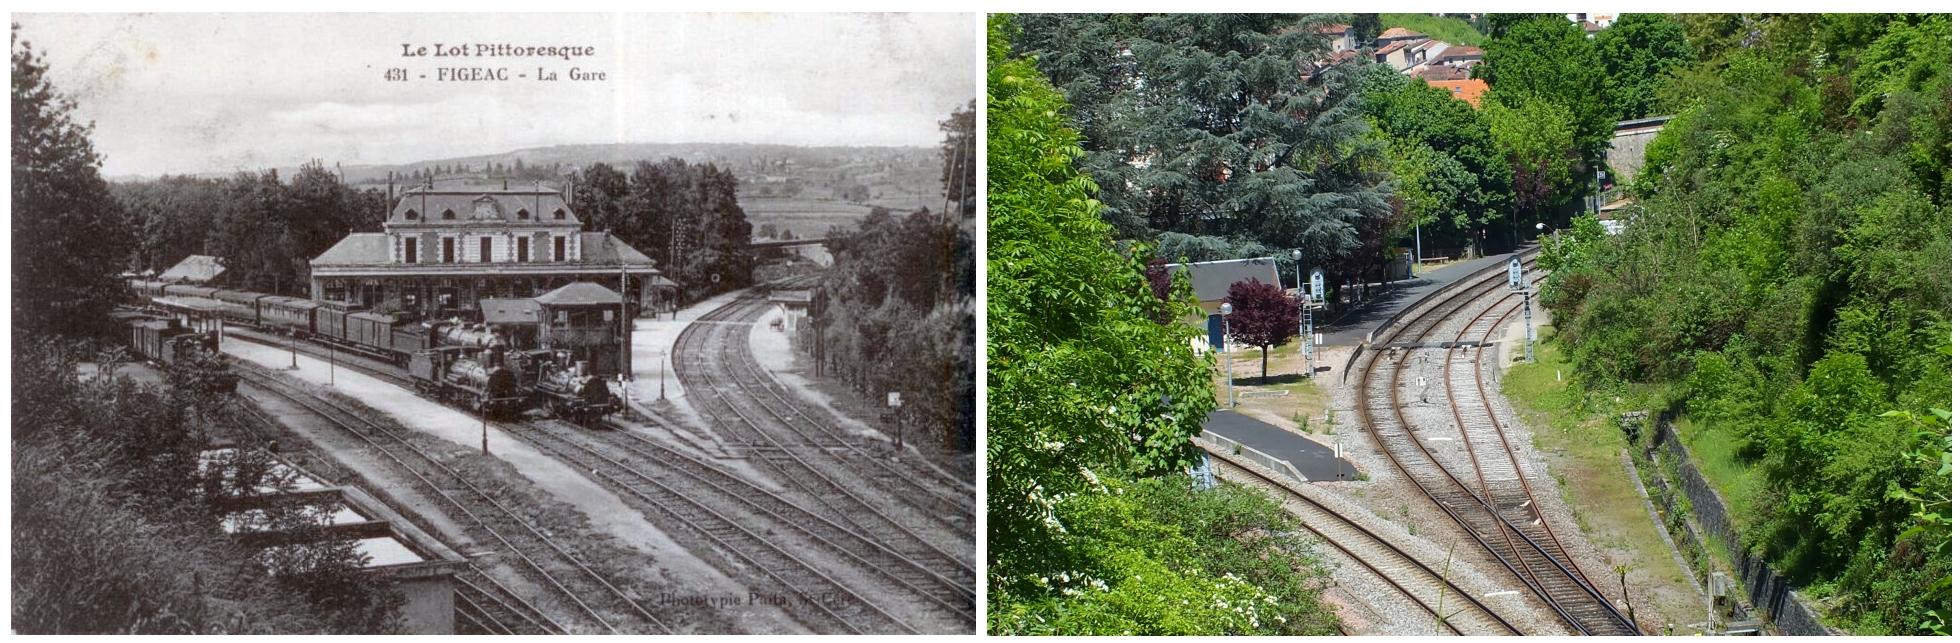 Gare ferroviaire de Figeac dans le Lot - Vue Sud-Ouest - LOT'refois - Photo 2013 - CPA début XXe